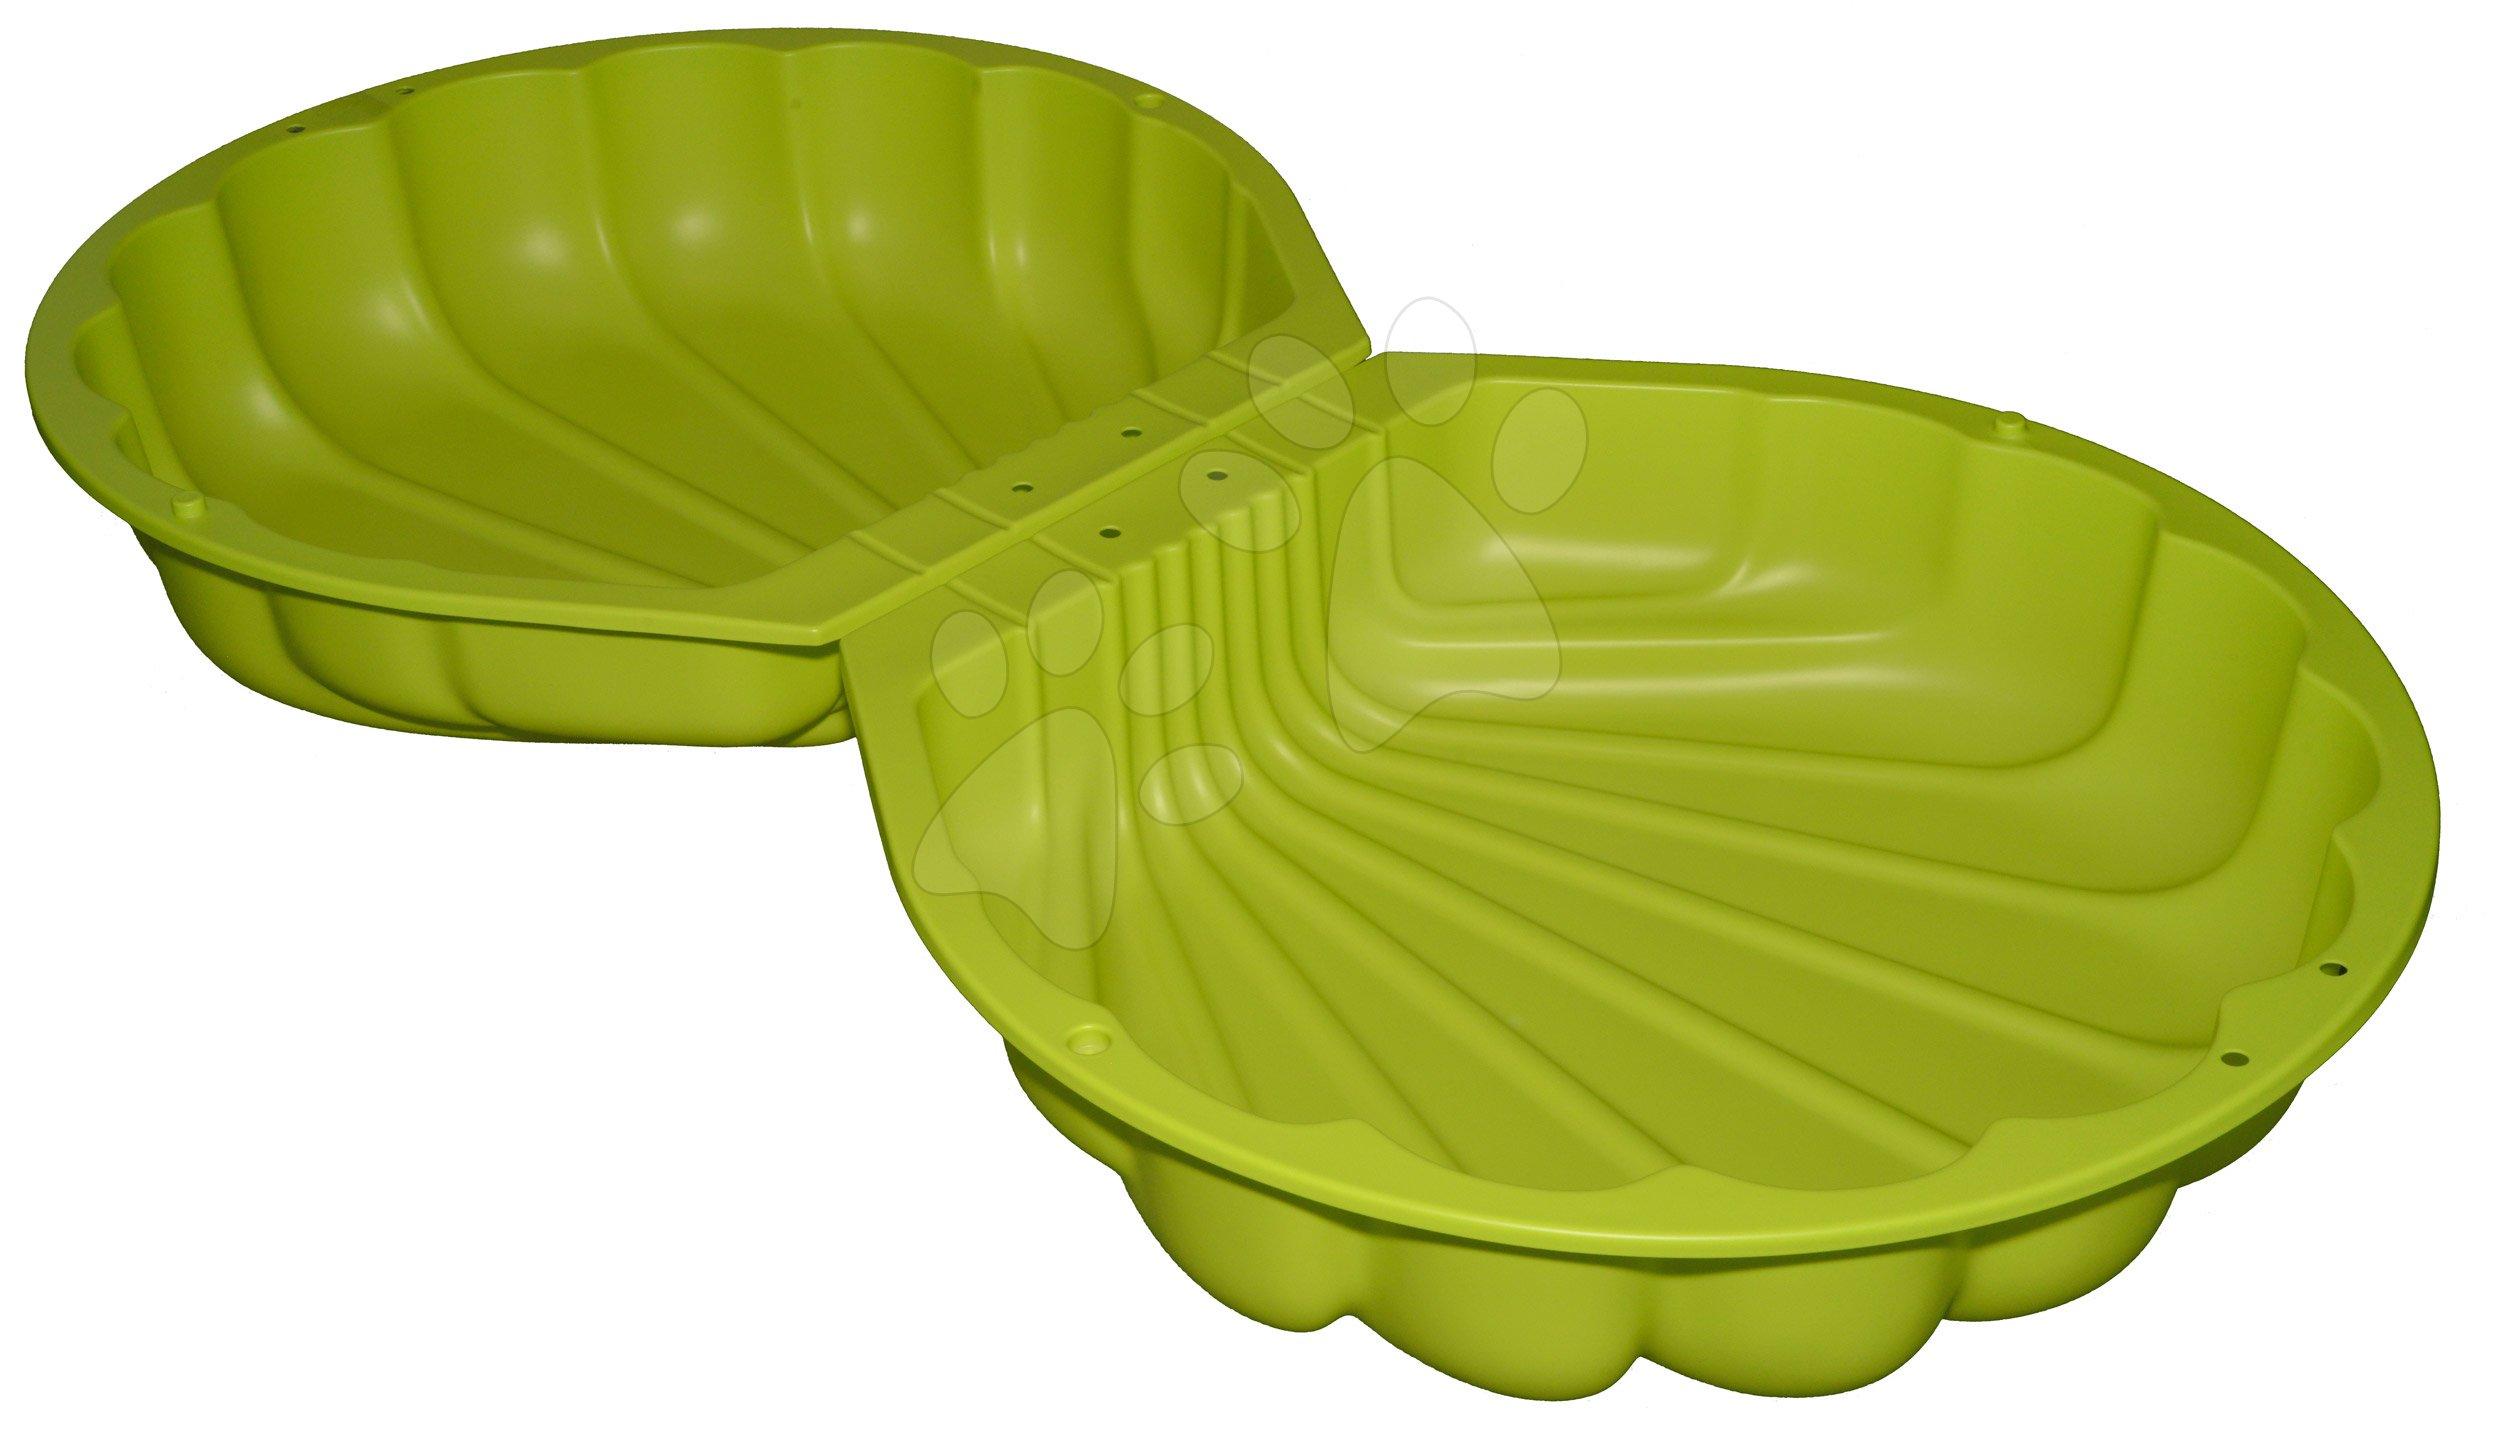 Pieskovisko dvojdielne Watershell Green BIG mušľa 2*100 l na vodu a piesok 88*88*21 cm zelené od 18 mes